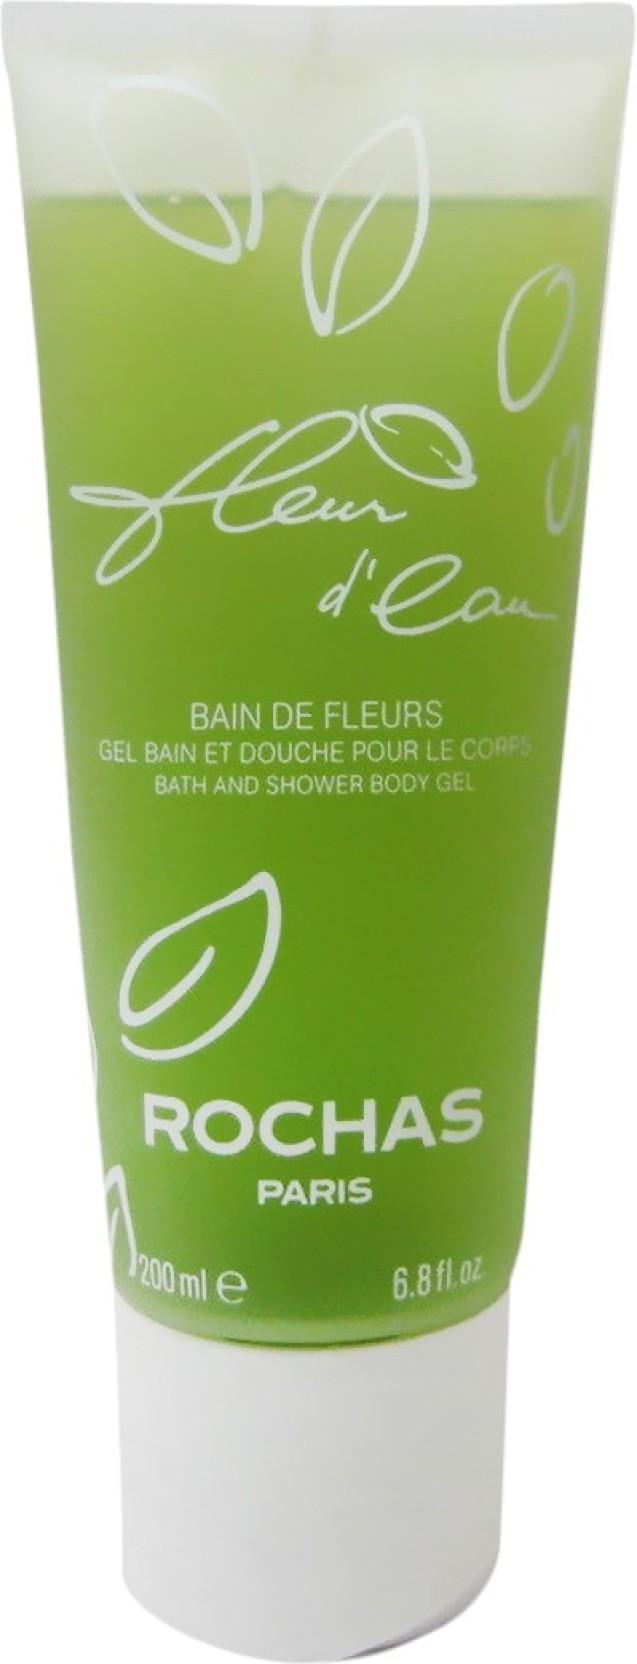 Rochas Fleur D Eau Buy Rochas Fleur D Eau At Low Price In India